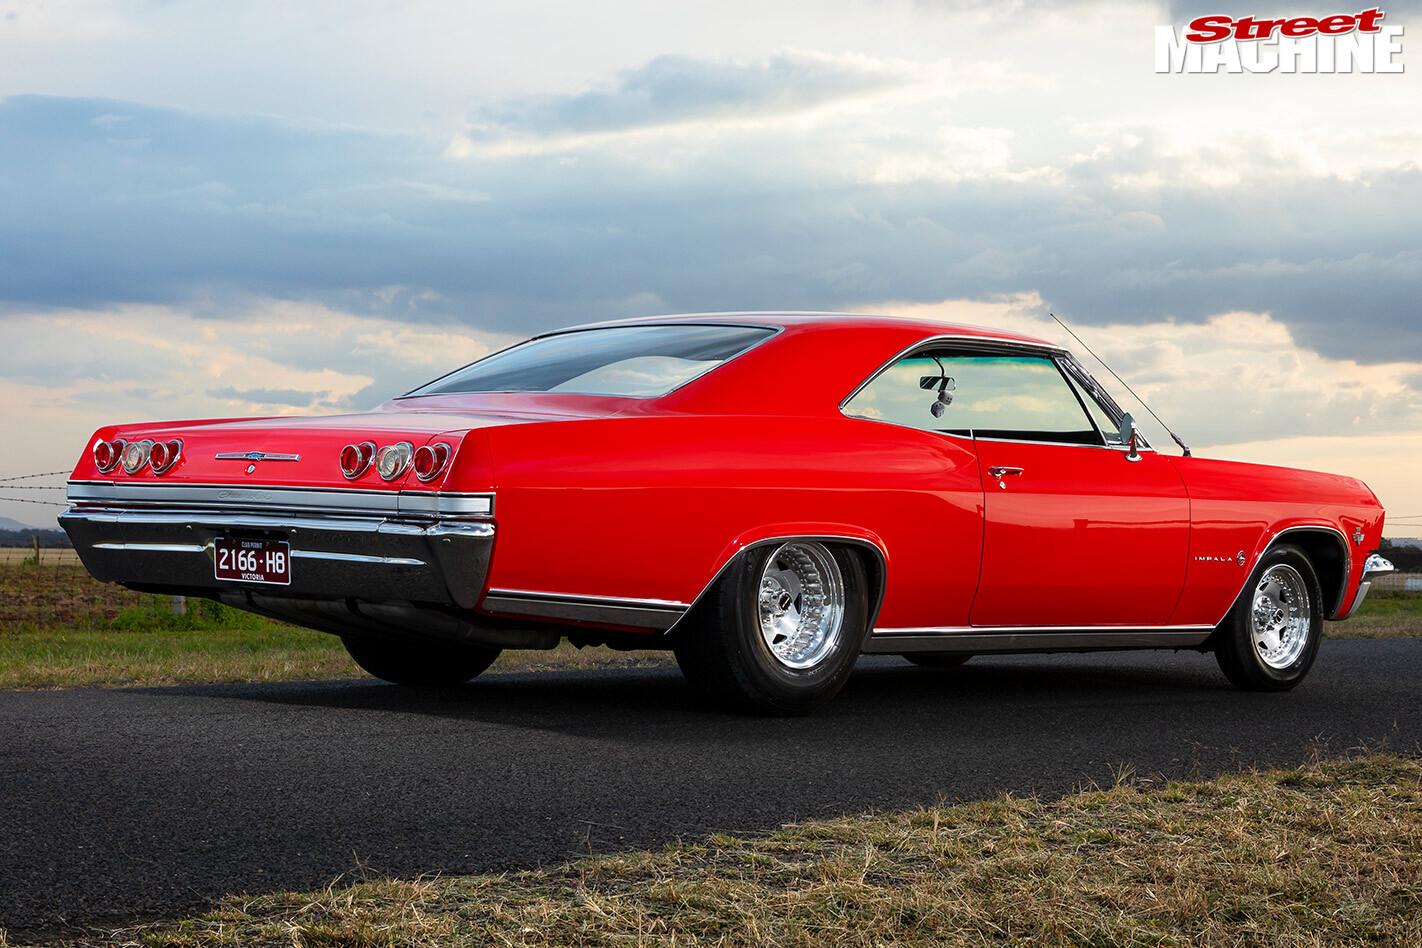 Chev Impala rear view